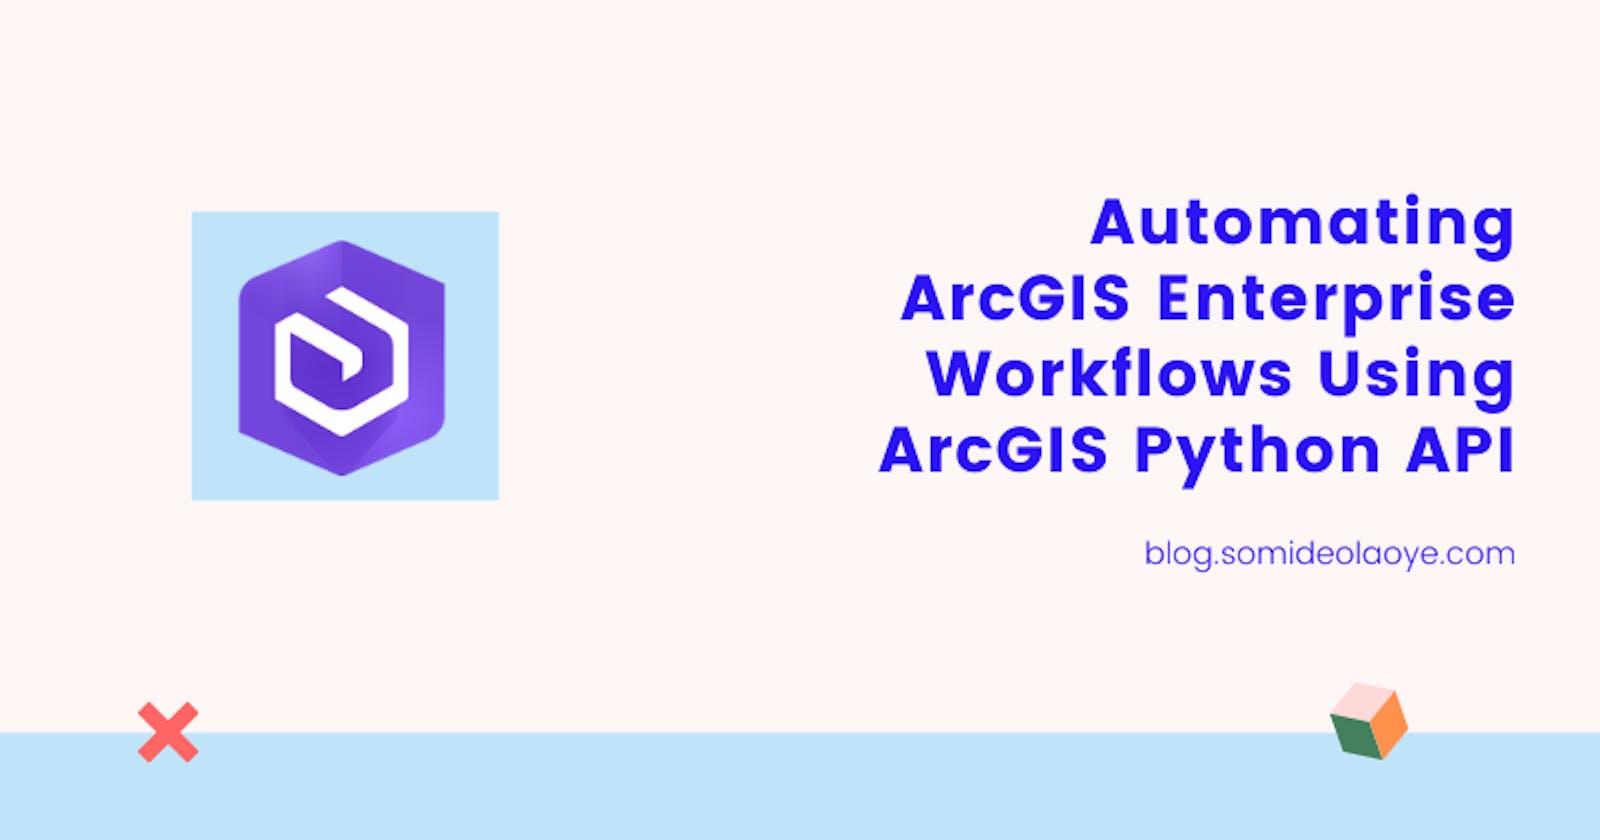 Automating ArcGIS Enterprise Workflows using ArcGIS API for Python